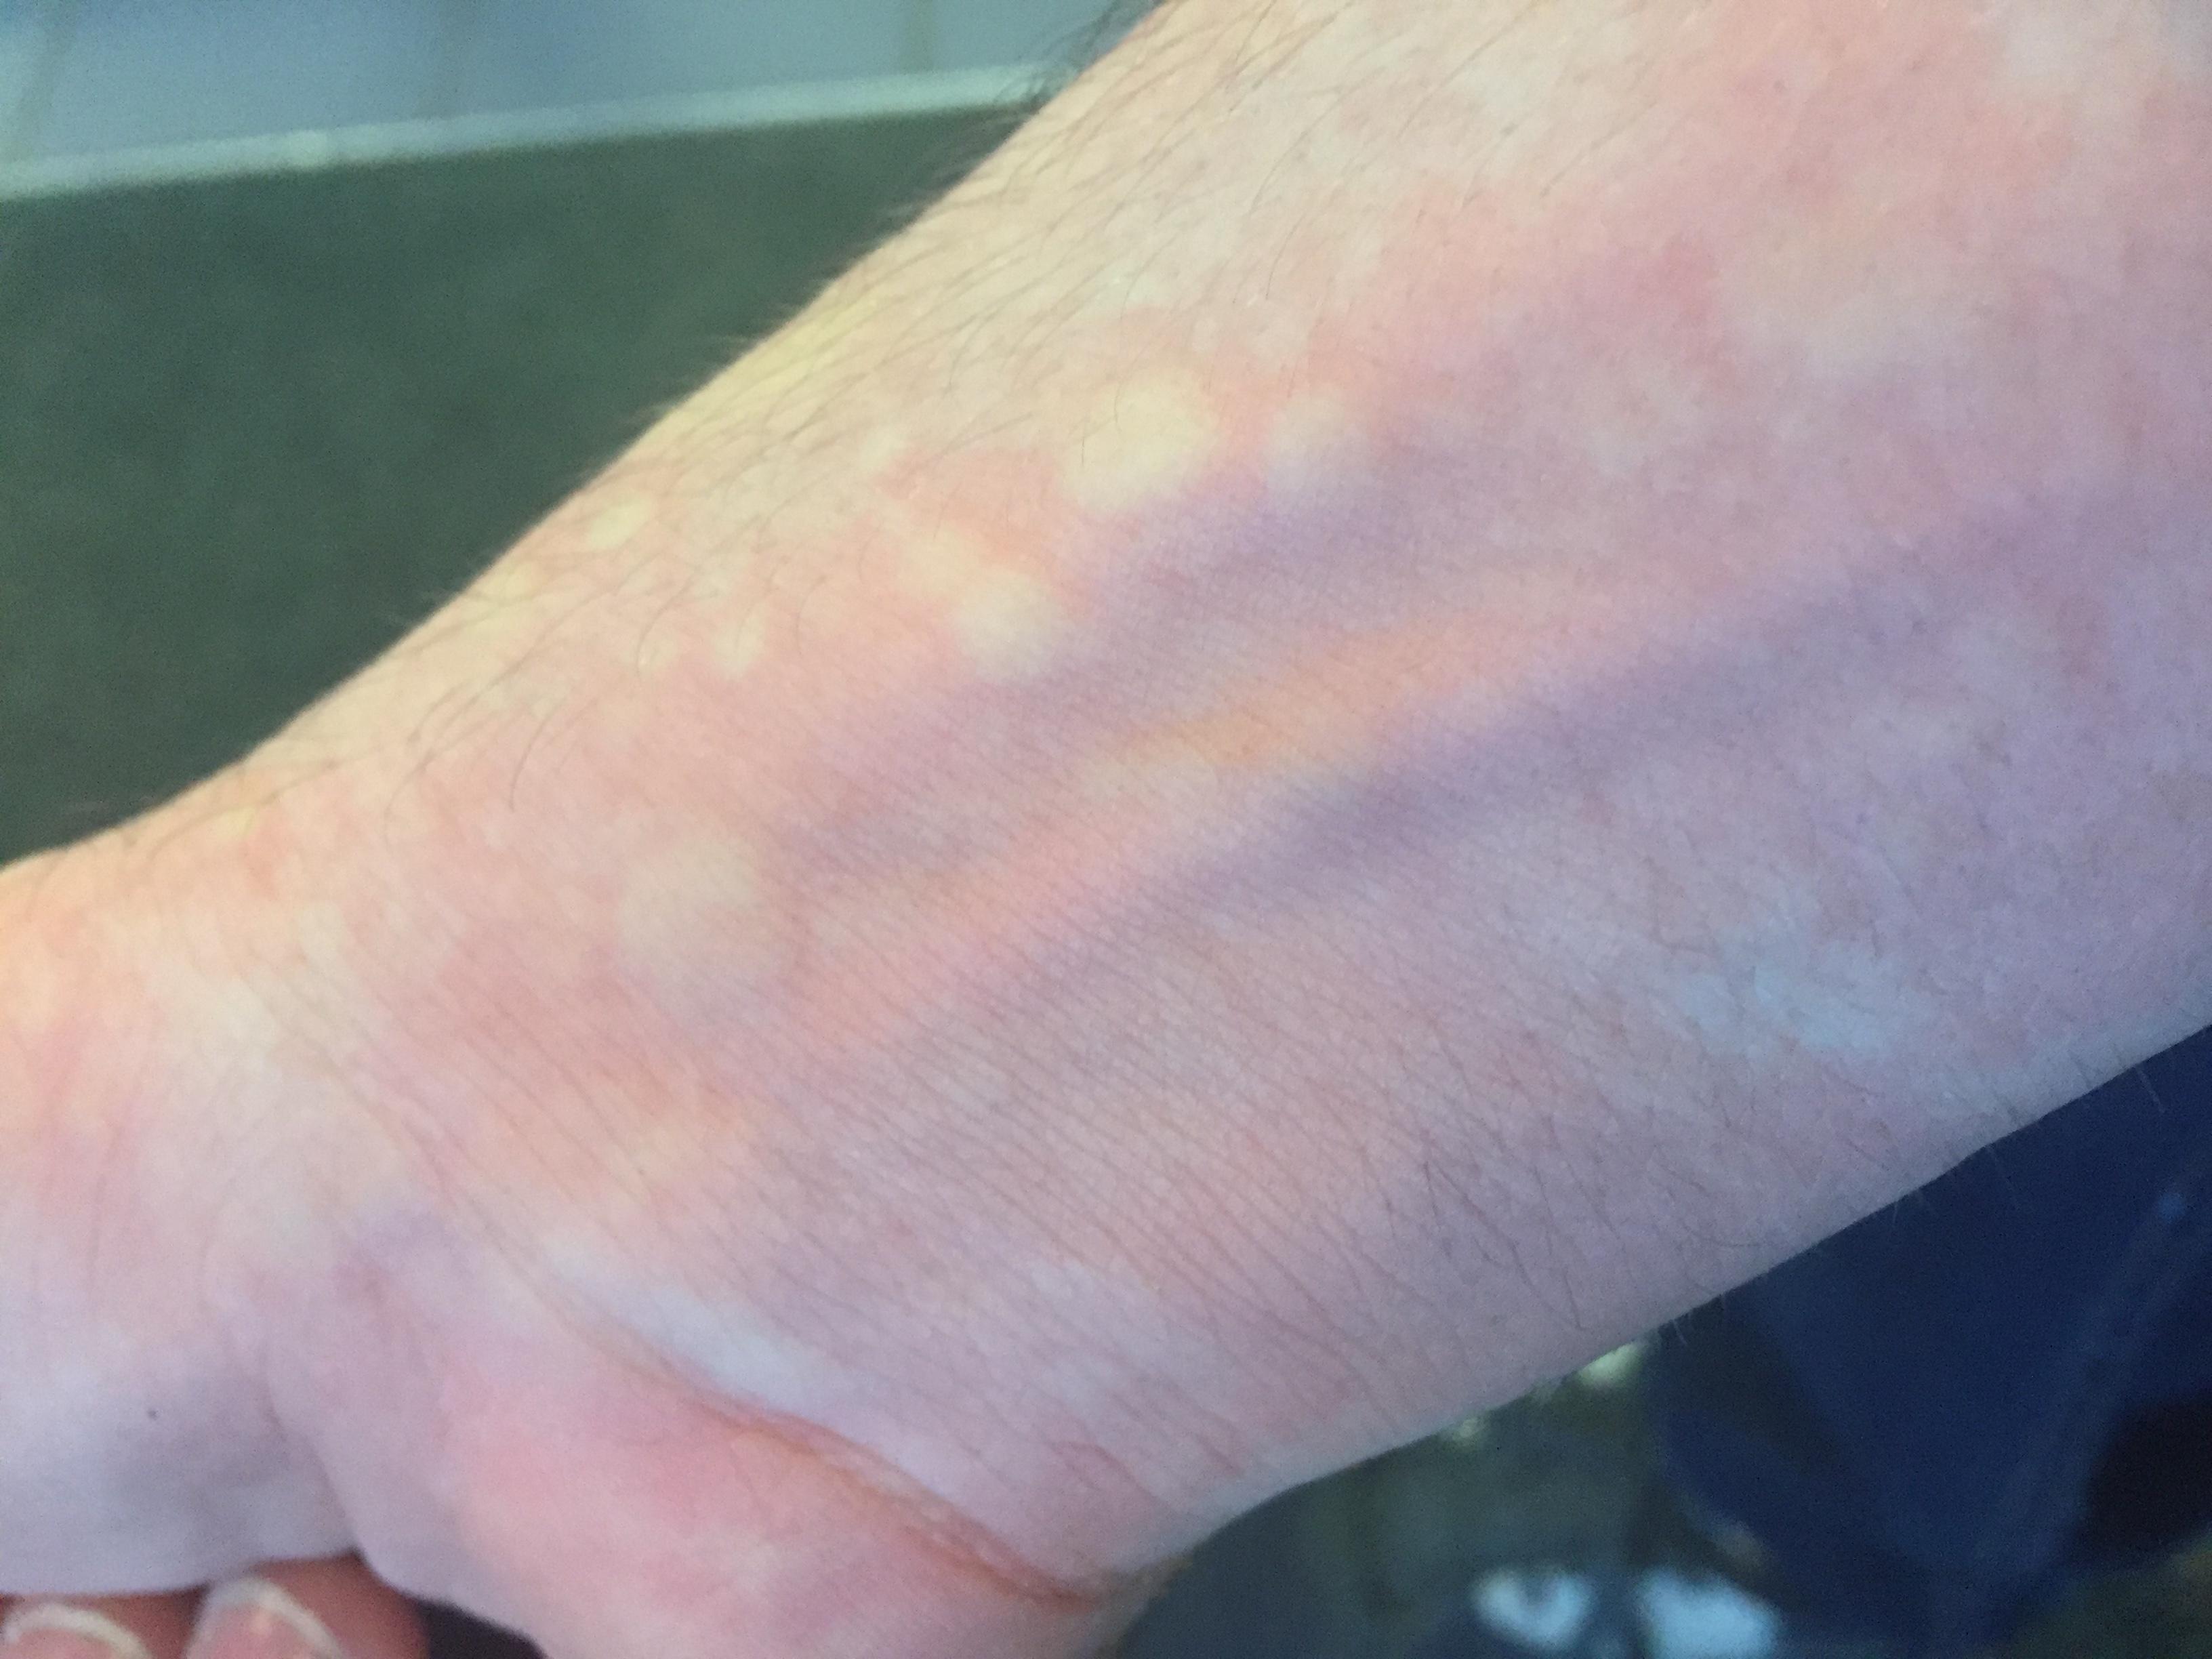 manchas rojas en varias partes del cuerpo